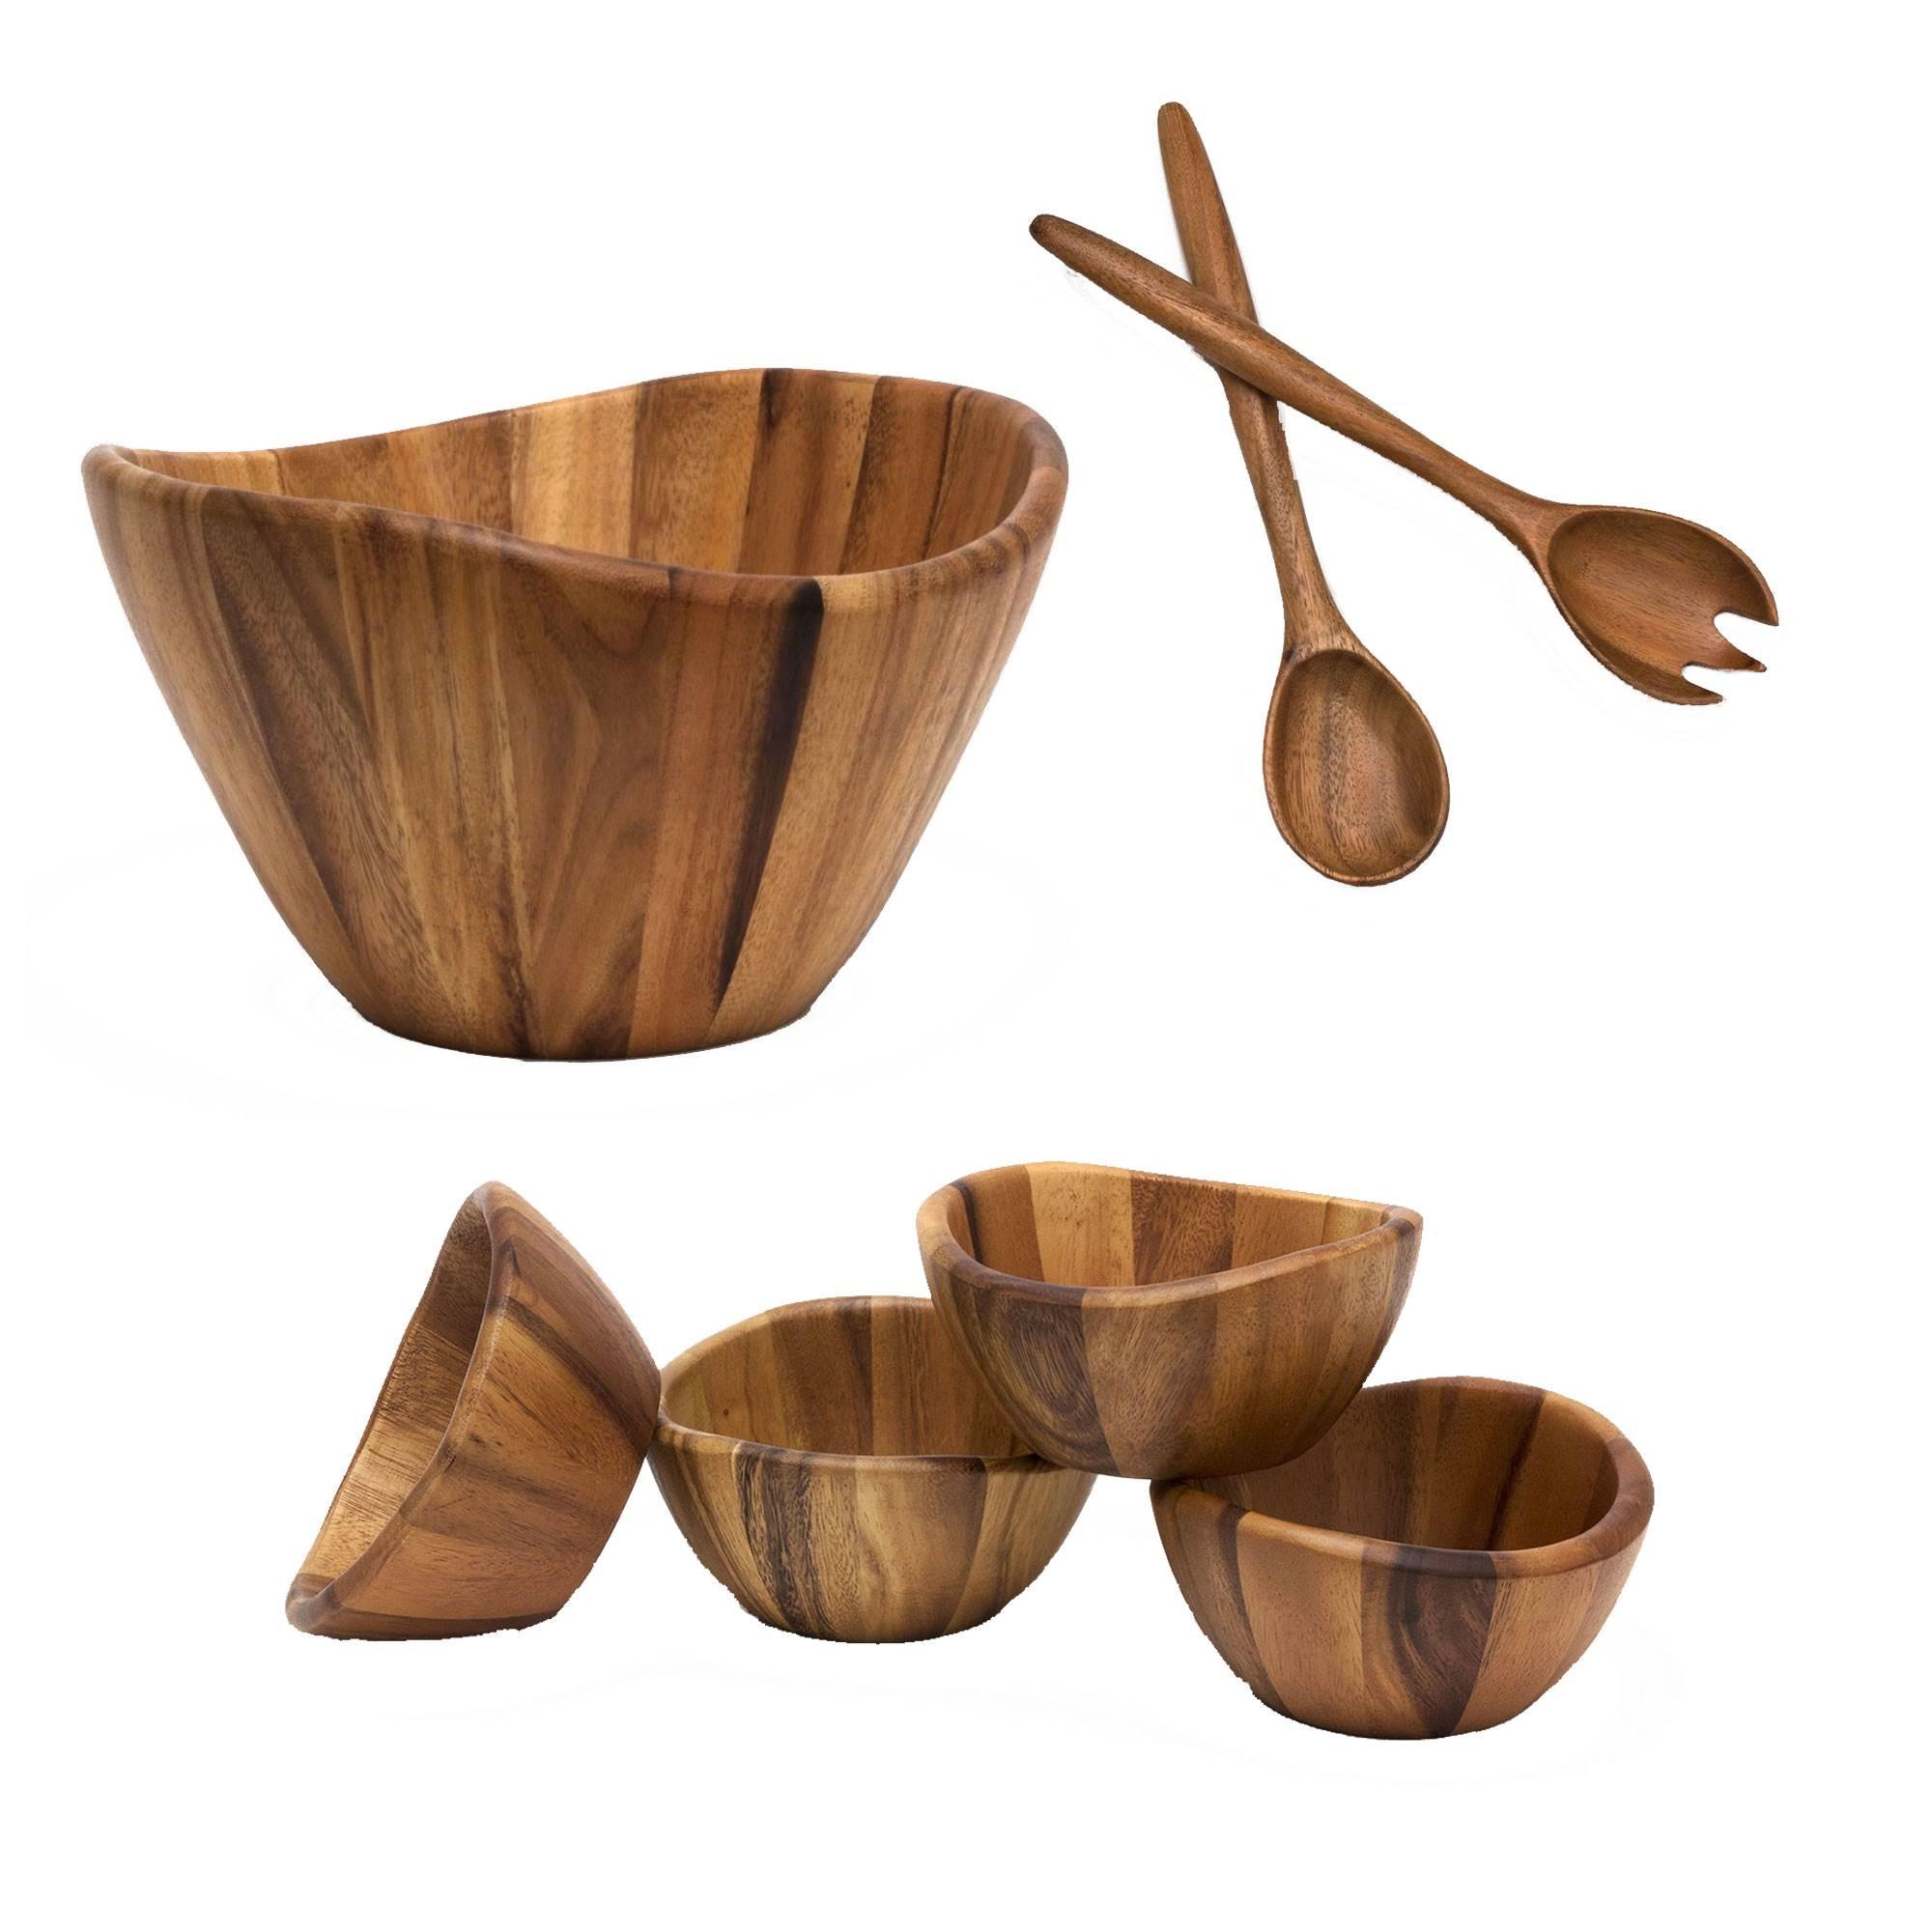 Lipper International Acacia Wooden Serving Bowl Bowl Set And Salad Servers Walmart Com Walmart Com